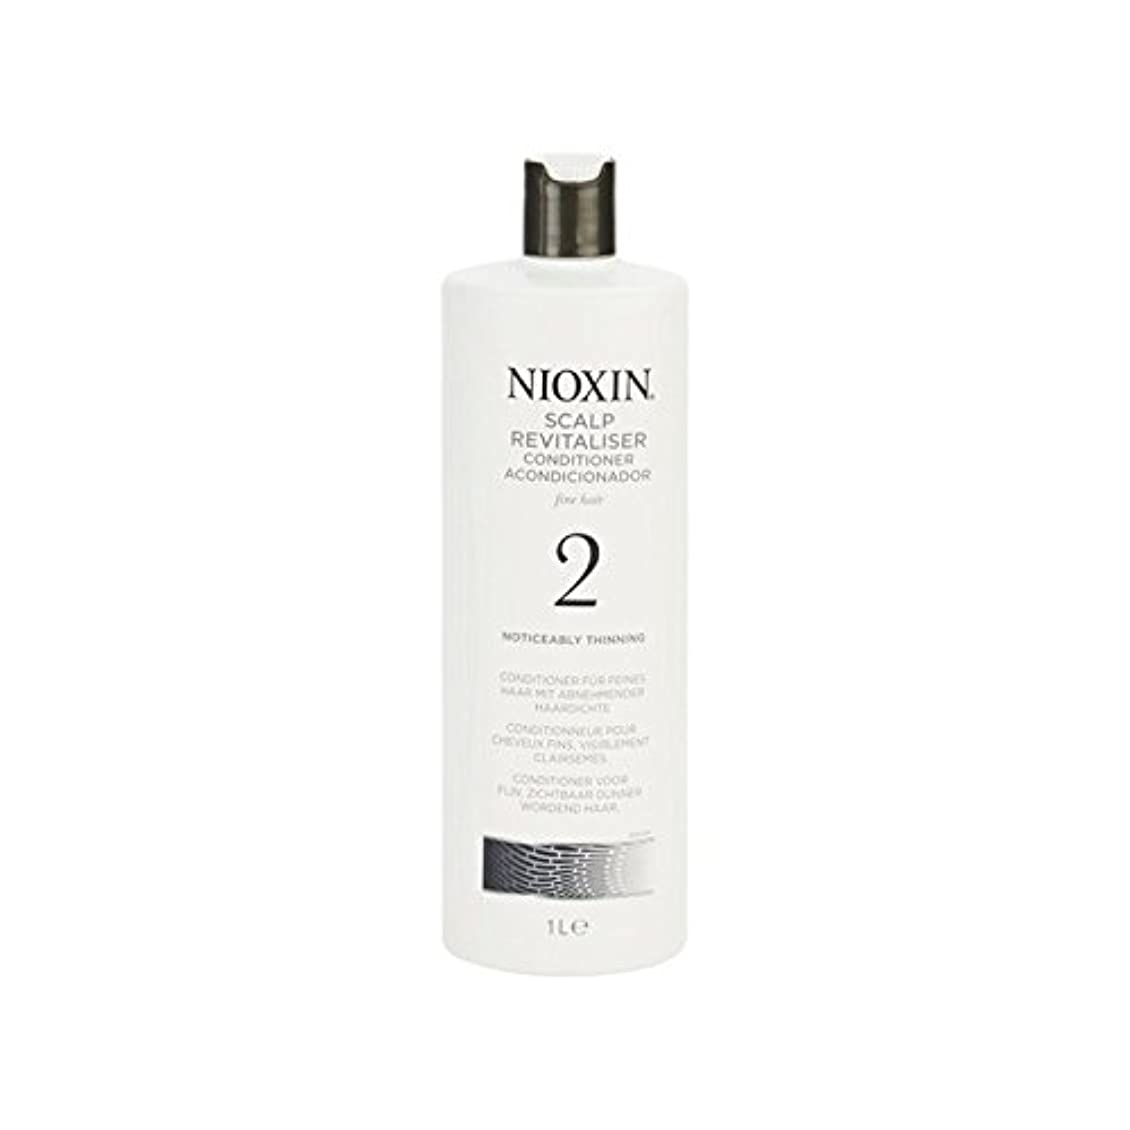 アクセスフライトエキスパート著しく間伐自然な髪千ミリリットルのためのニオキシンシステム2頭皮コンディショナー x2 - Nioxin System 2 Scalp Revitaliser Conditioner For Noticeably Thinning...